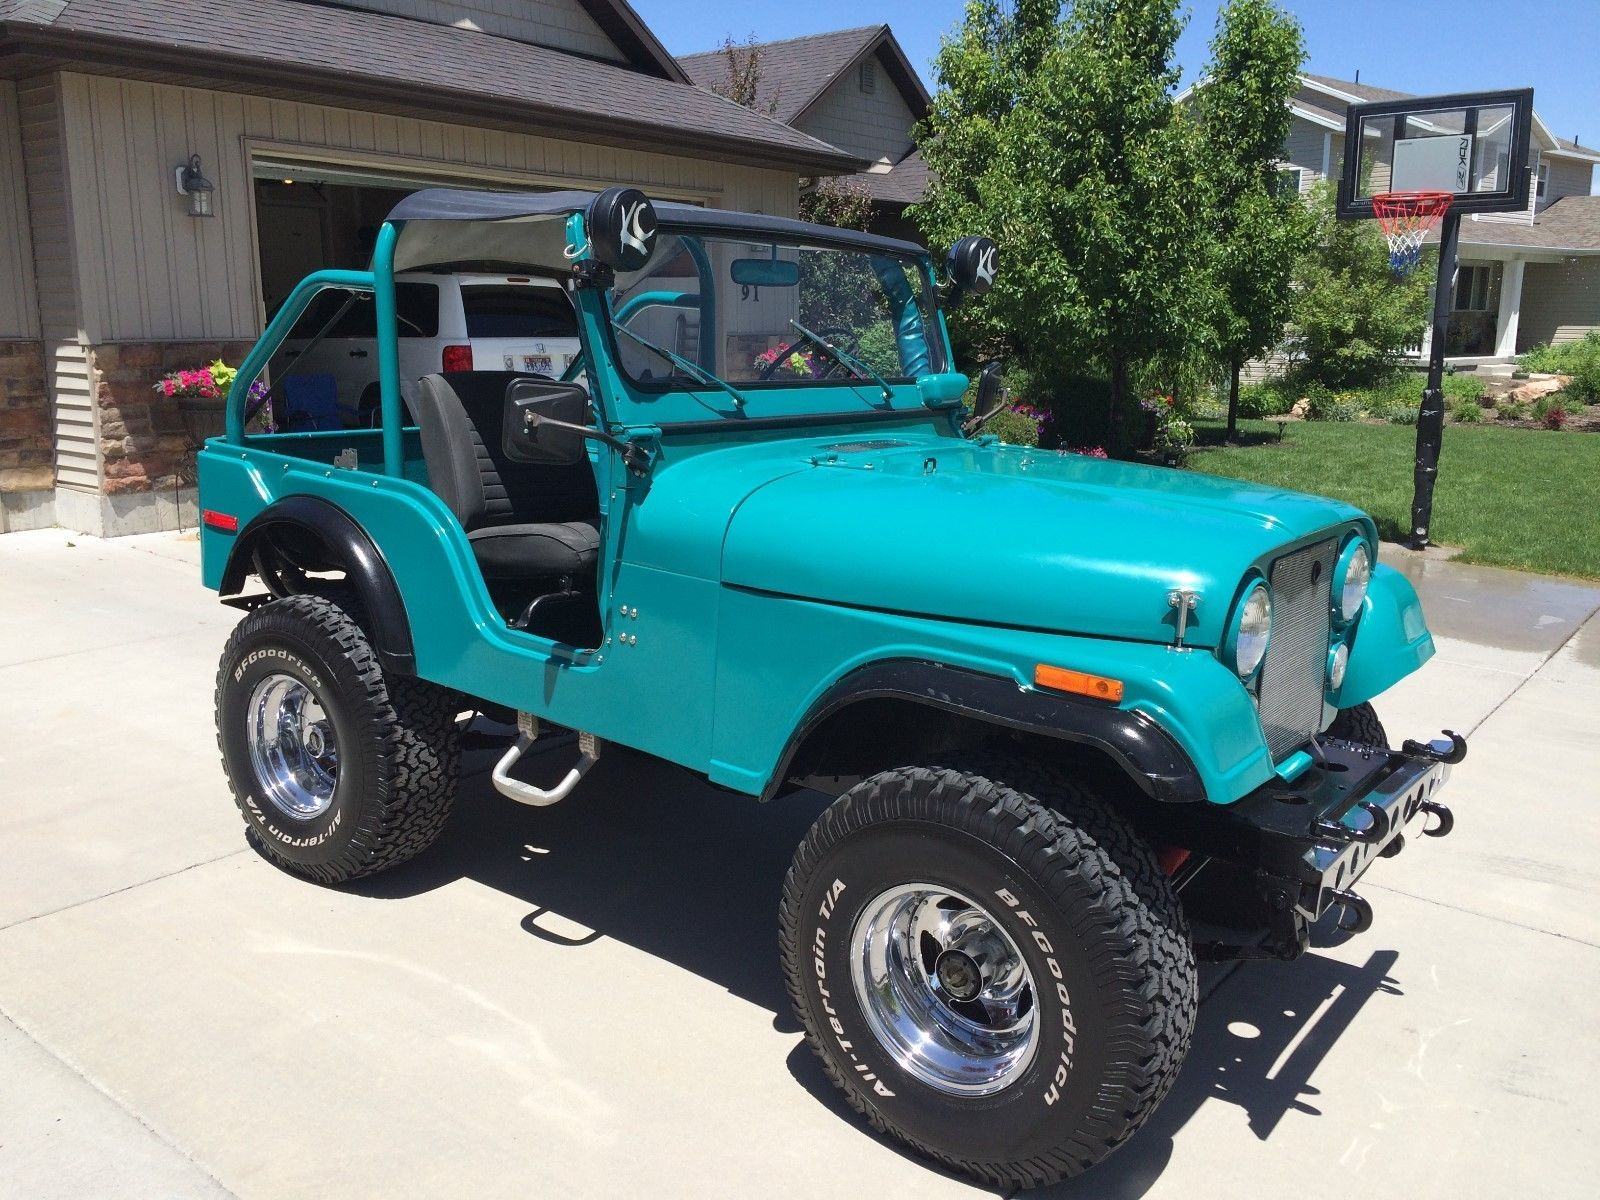 small resolution of ebay 1972 jeep cj cj5 1972 jeep cj5 4x4 original 68k miles 2010 full build jeep jeeplife